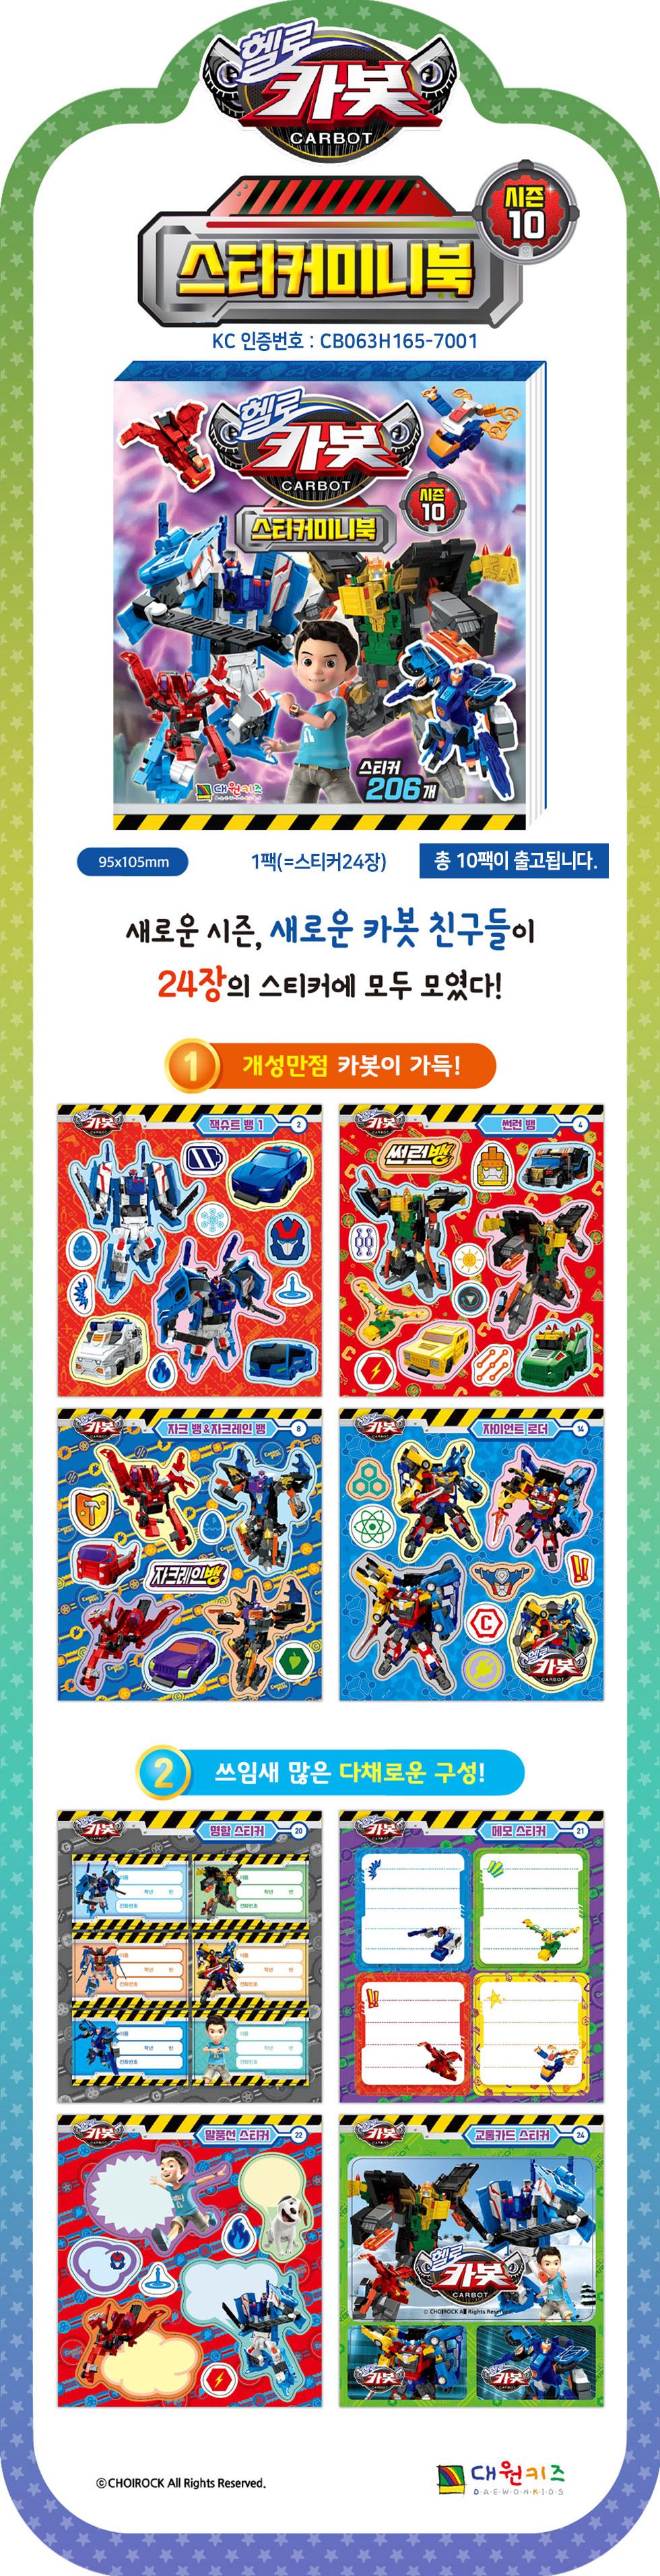 4000헬로카봇시즌10스티커미니북BOX(10).jpg